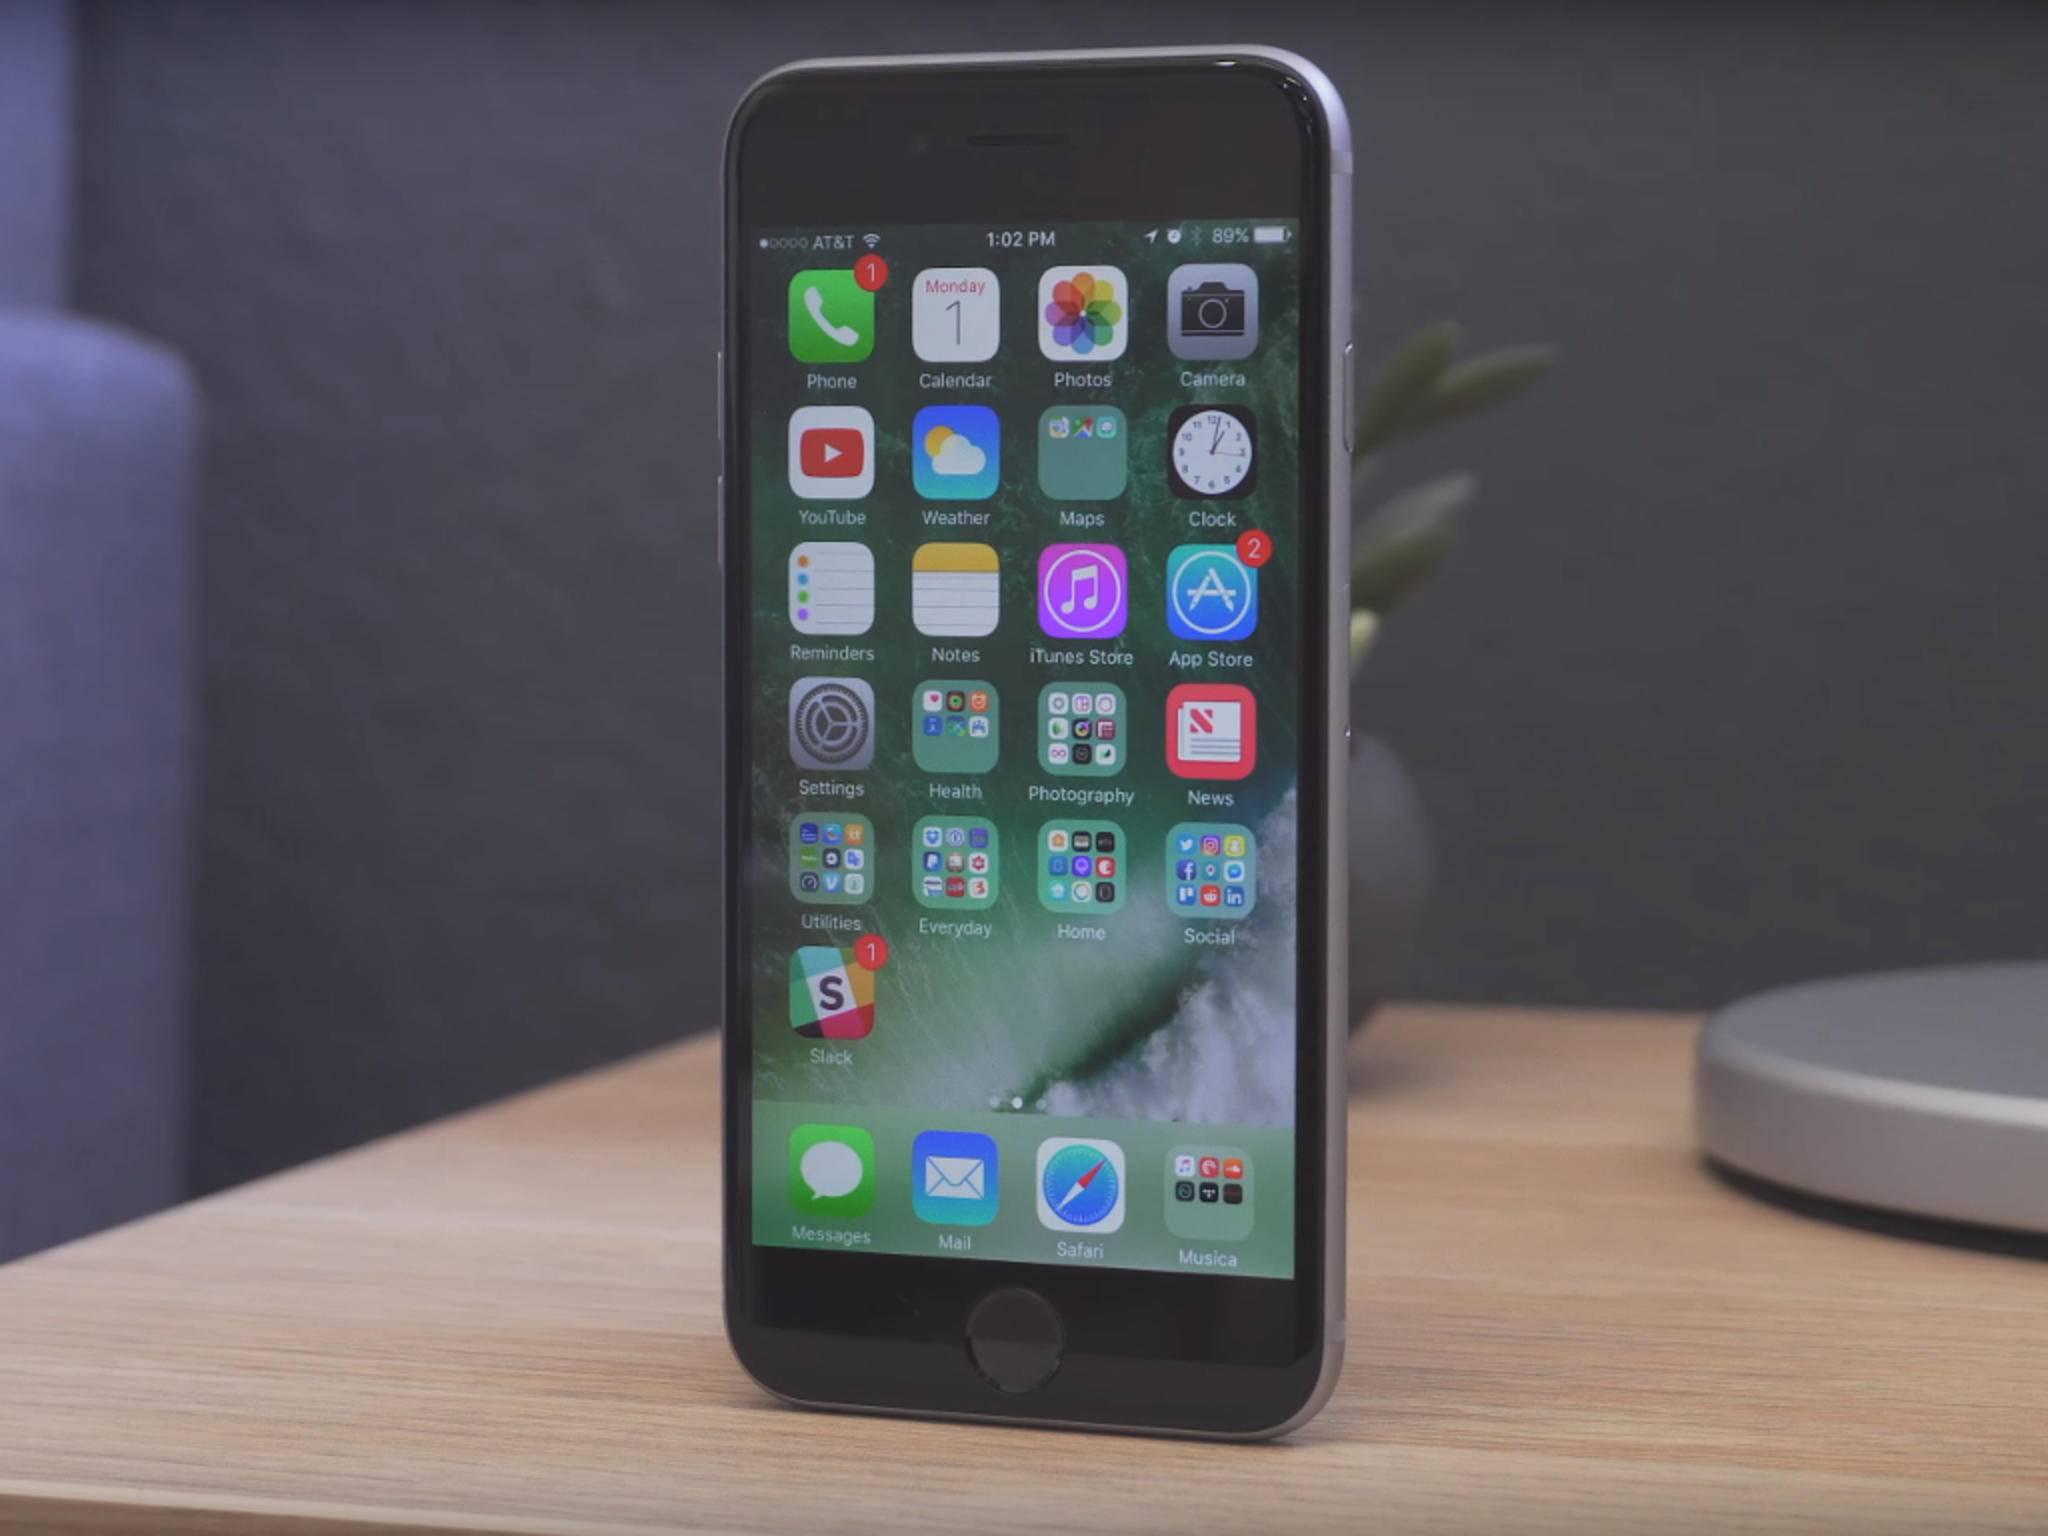 Die neue iOS 10 Golden Master wird auch neue Funktionen für iMessage mit sich bringen.